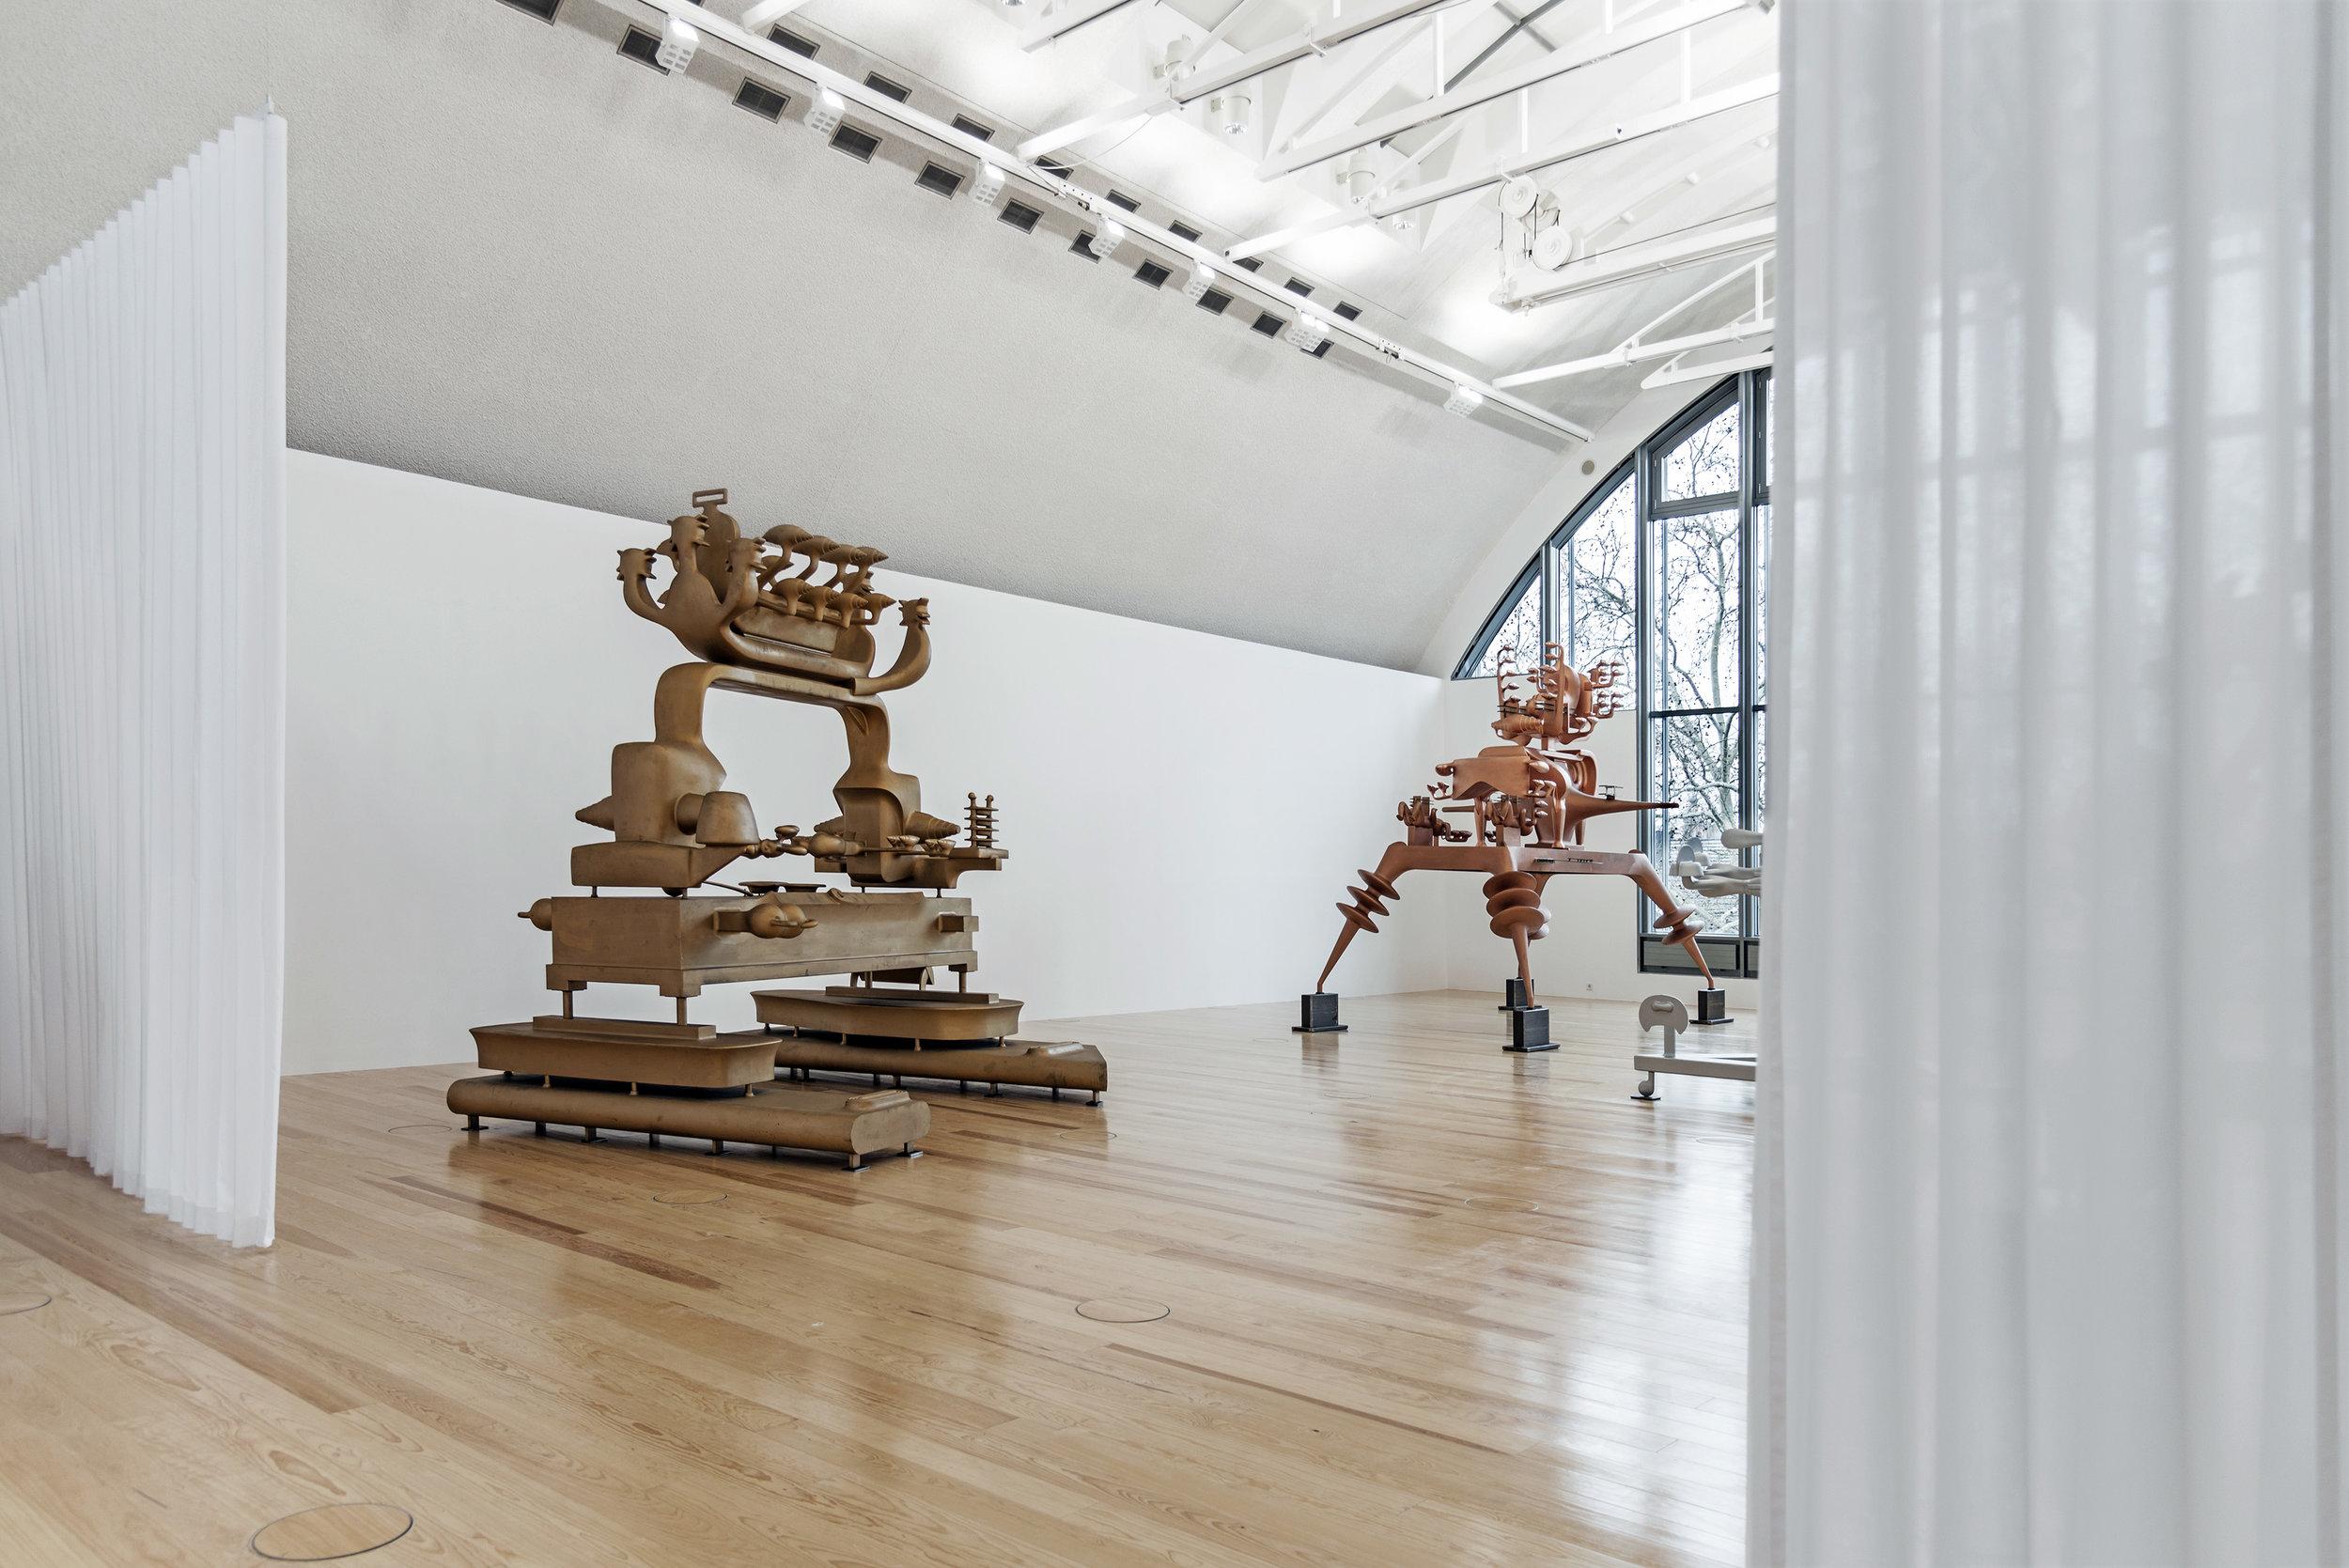 Bruno Gironcoli, Prototypen einer neuen Spezies, Ausstellungsansichten, Schirn Kunsthalle Frankfurt, 2019, Fotos: Hans Christian Krass